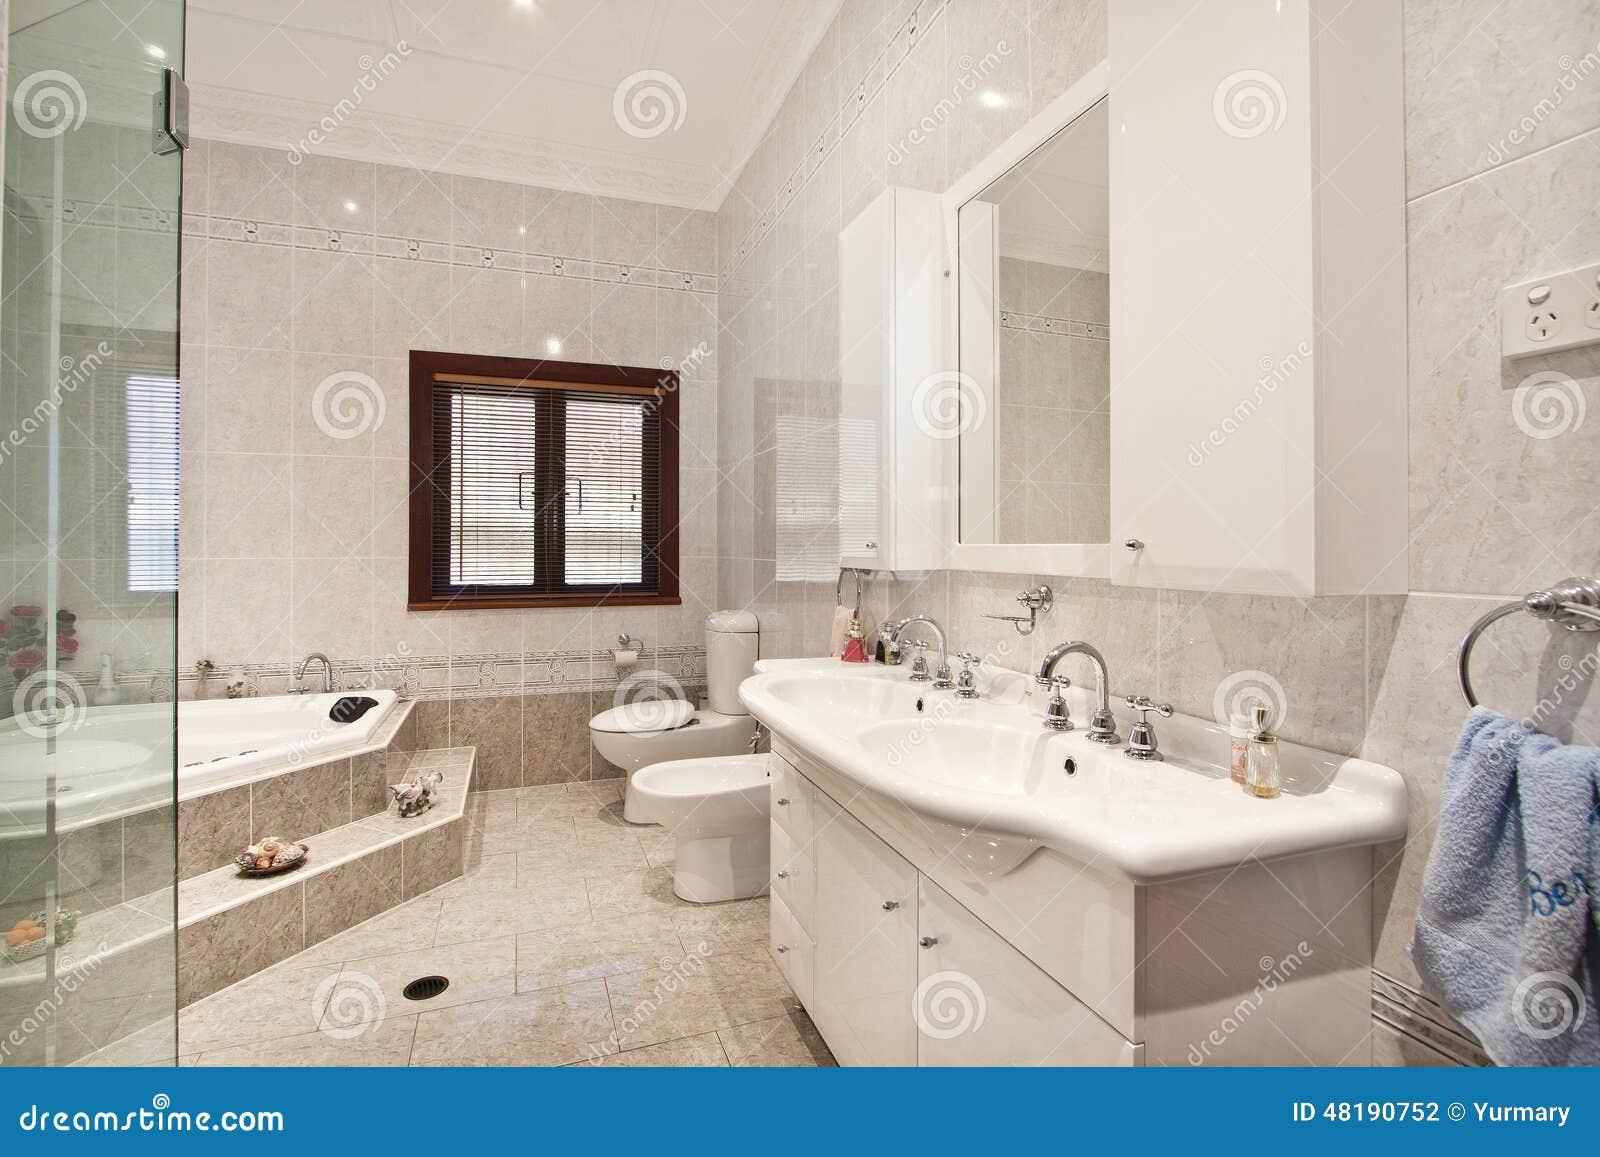 Design De Interiores: Interior Do Banheiro Foto de Stock Imagem  #82A229 1300 957